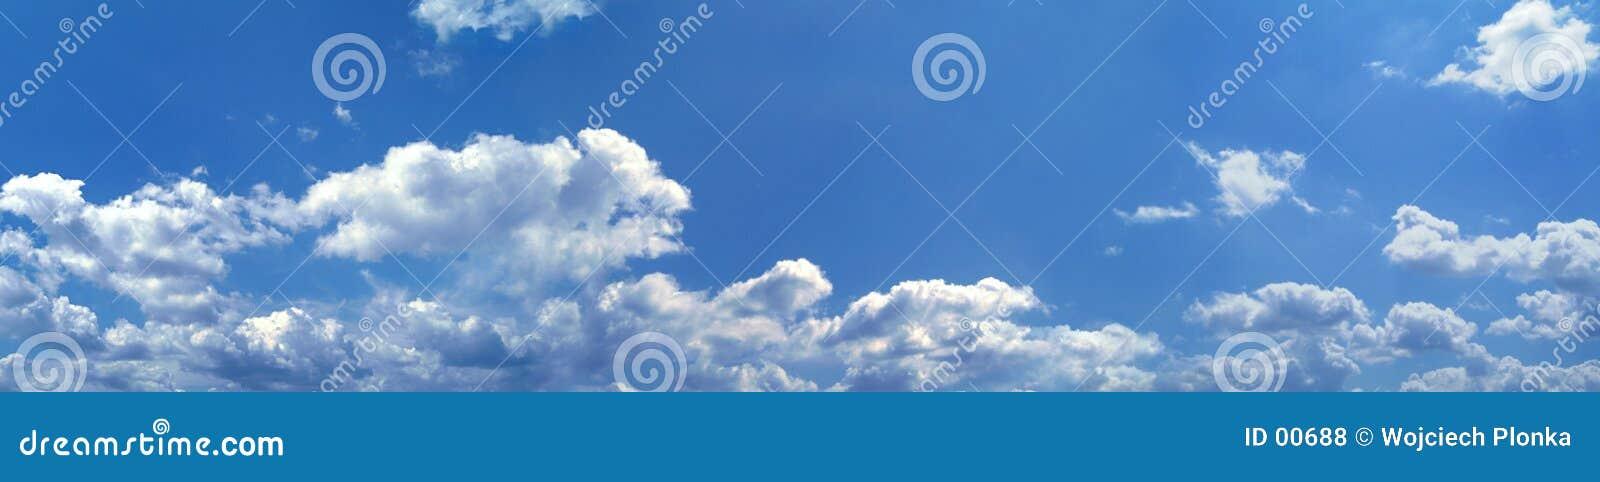 蓝色全景天空